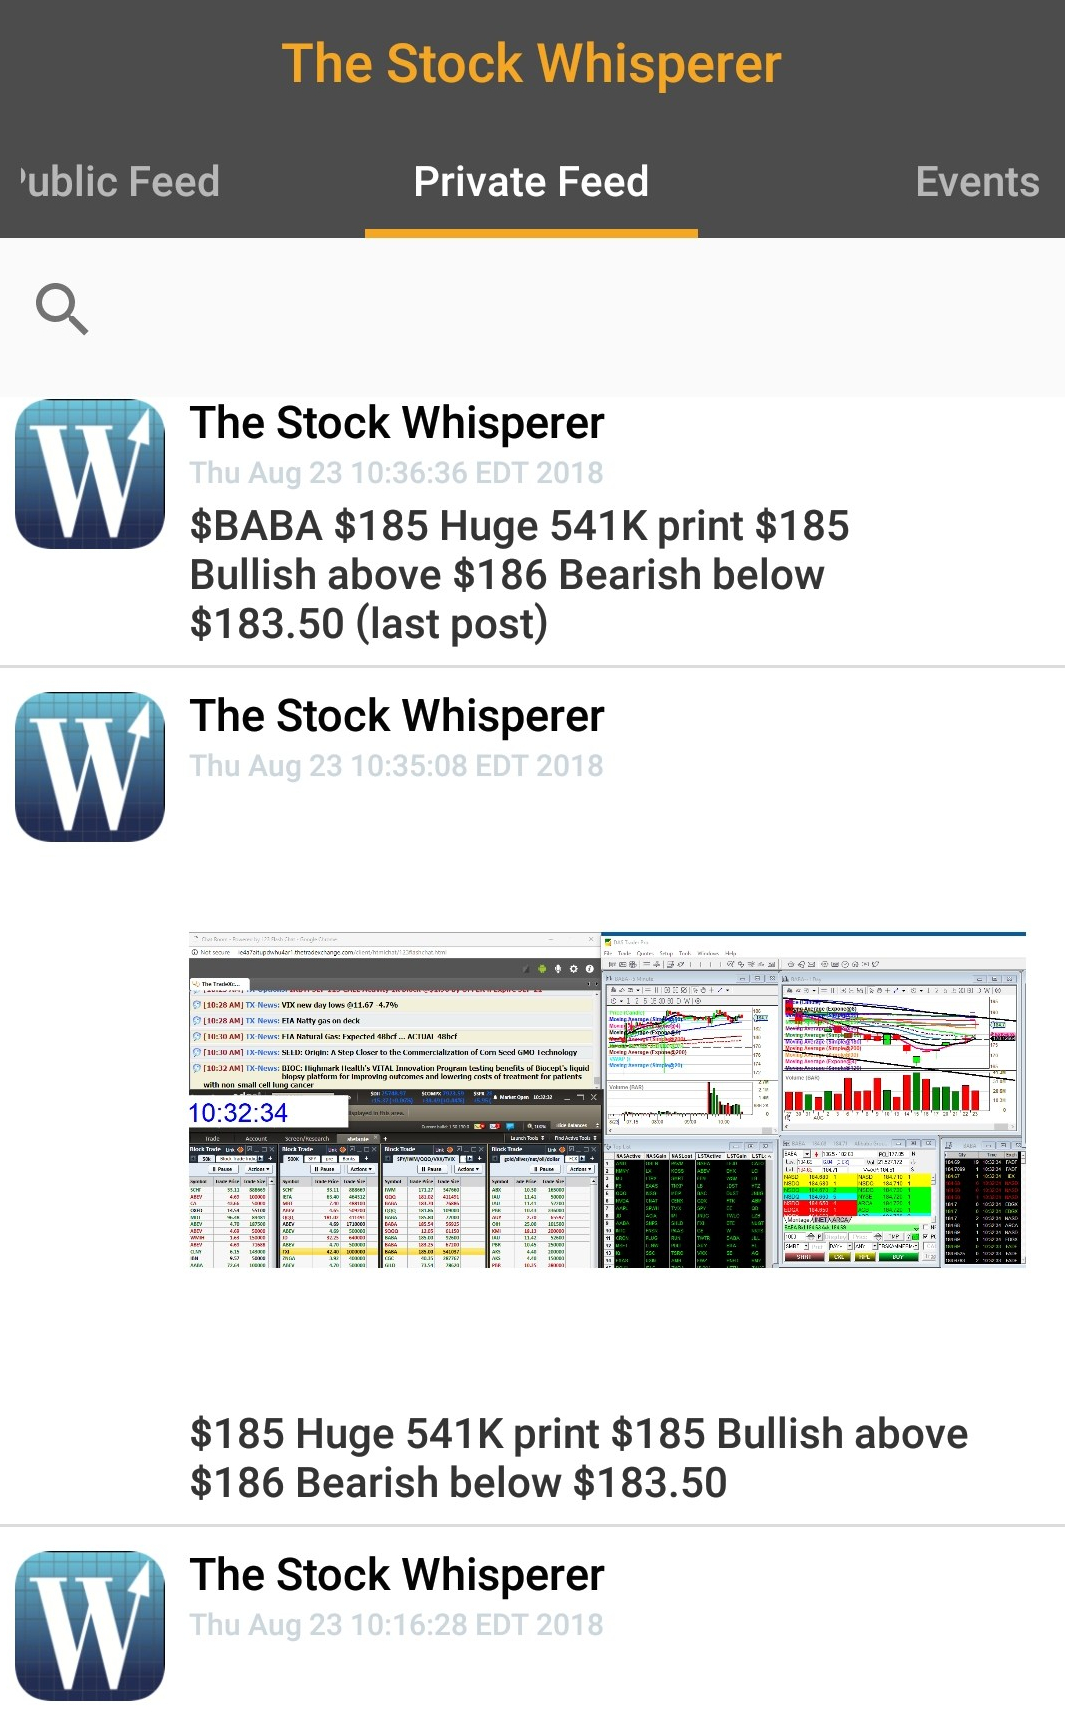 Screenshot_20180823-203026_The Stock Whisperer